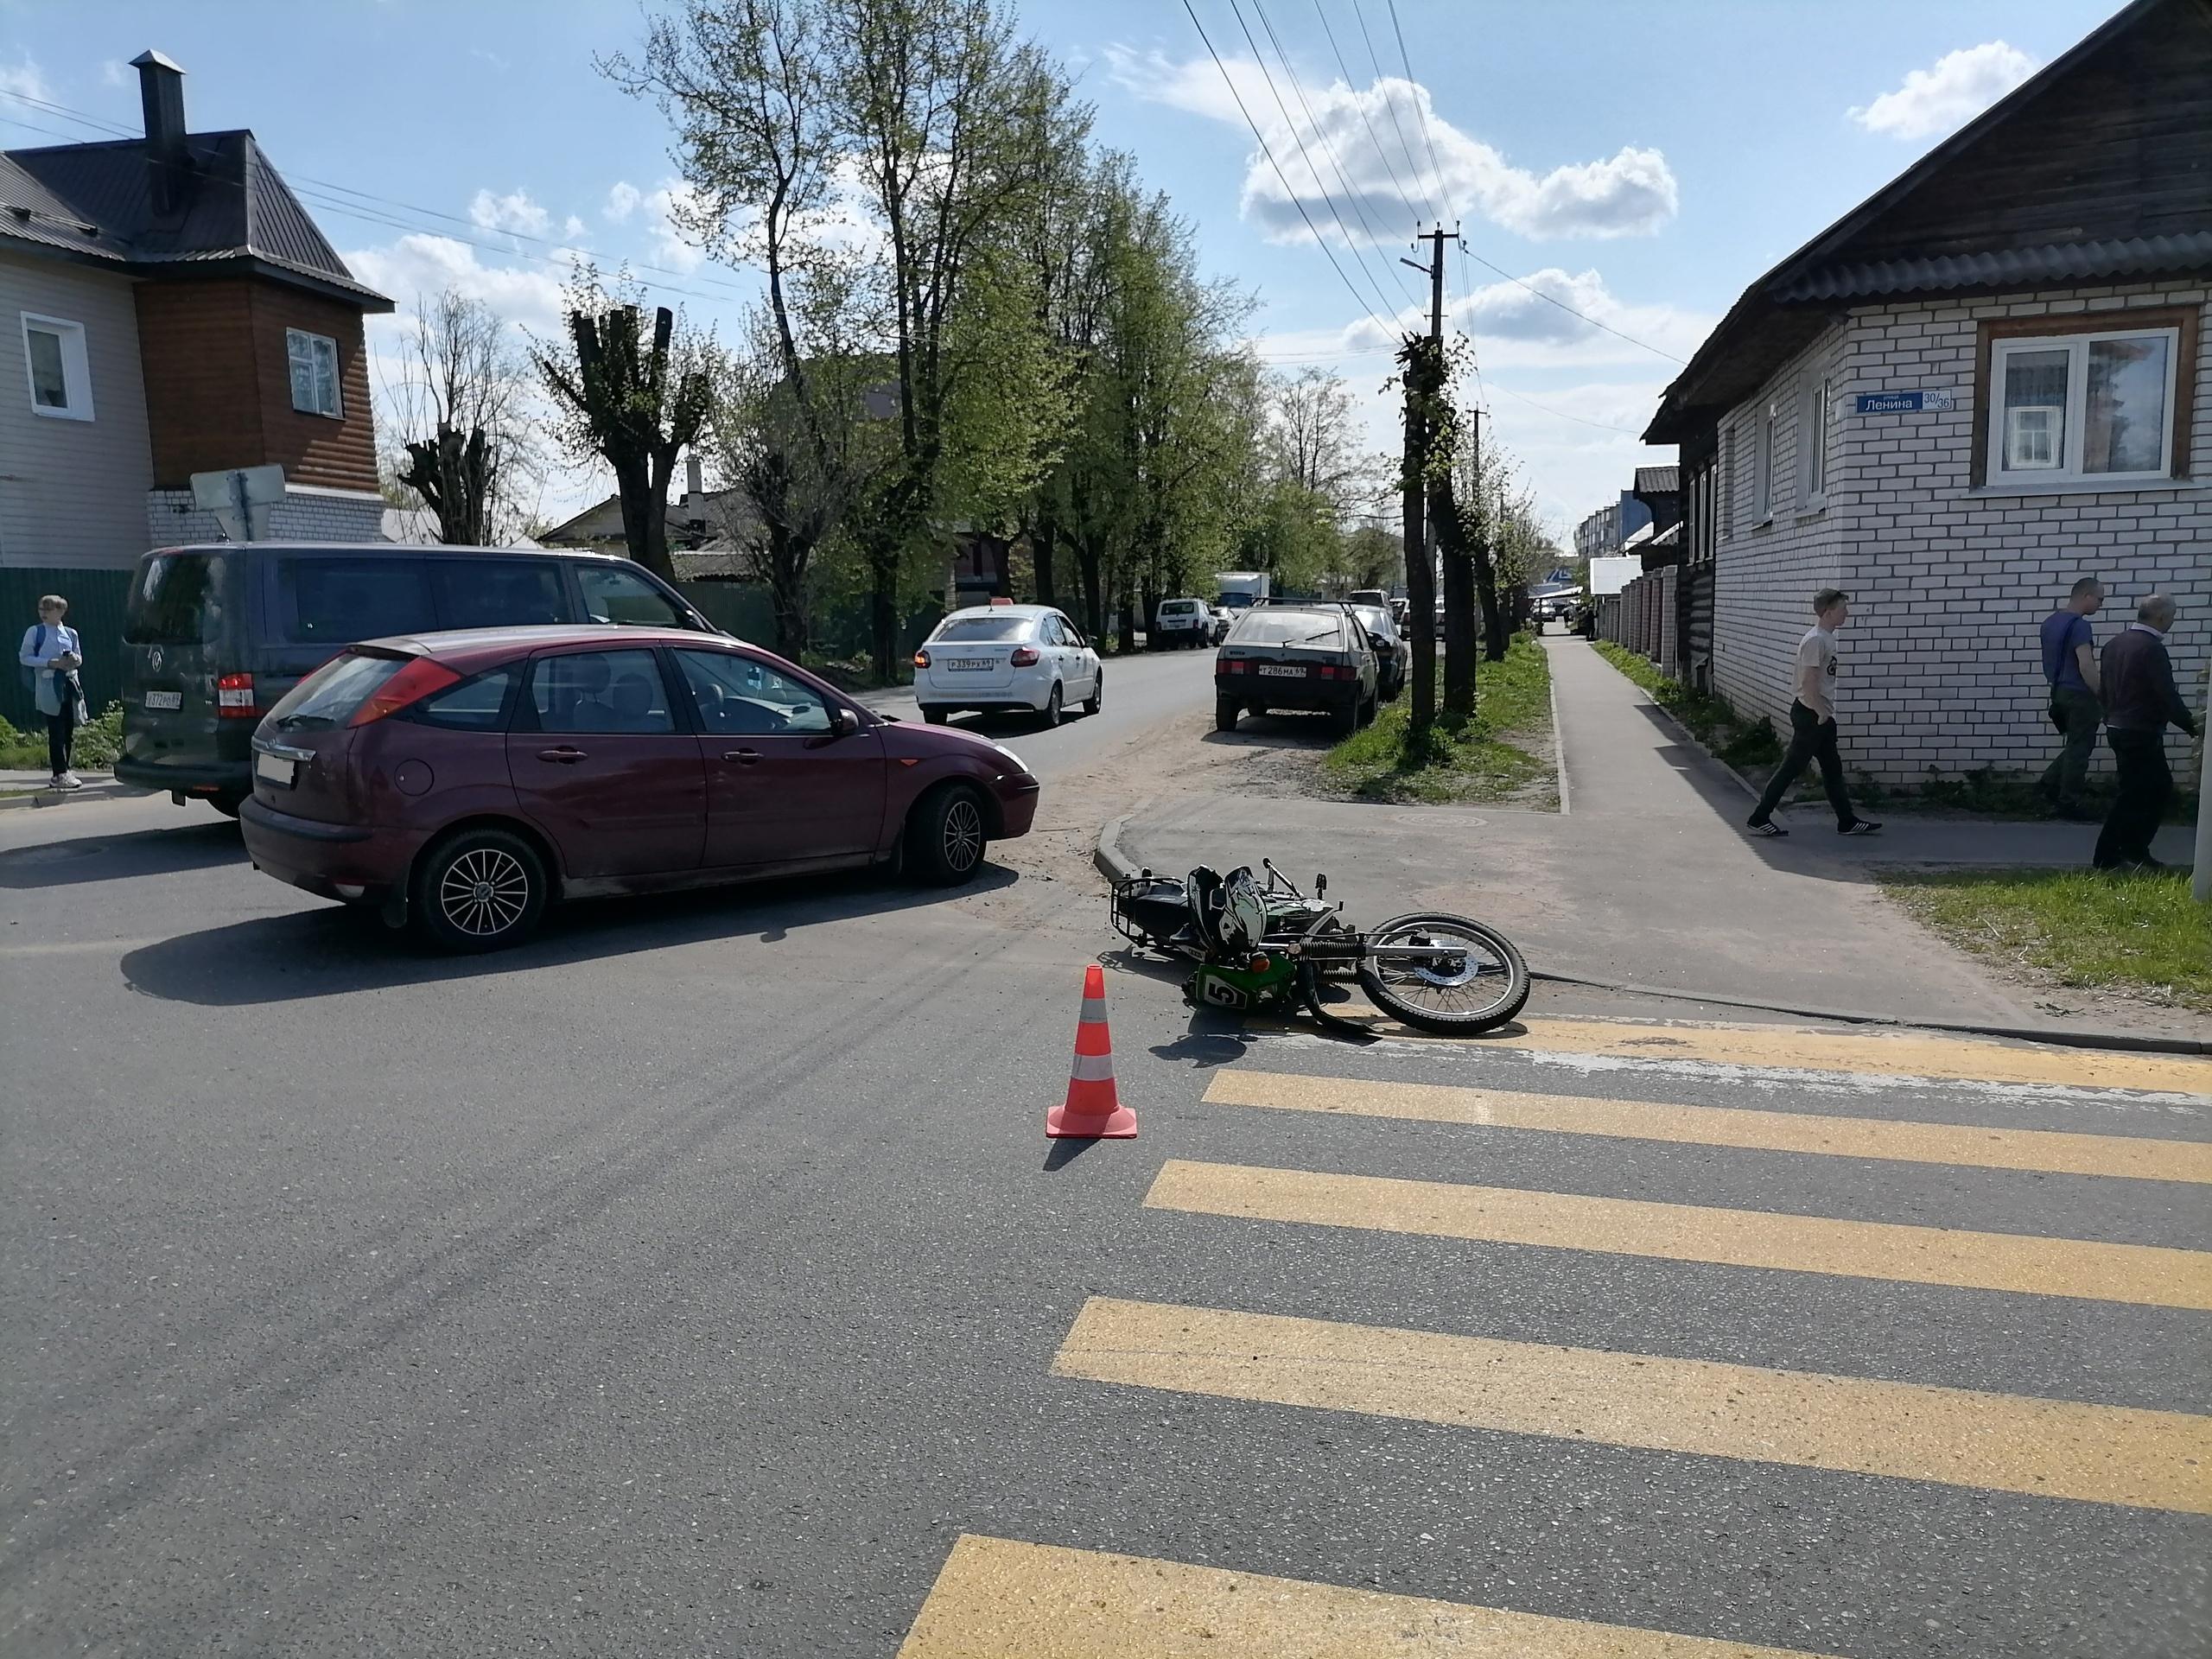 На перекрестке улиц Ленина – Шевченко в Кимрах водитель Форда сбил мотоциклиста